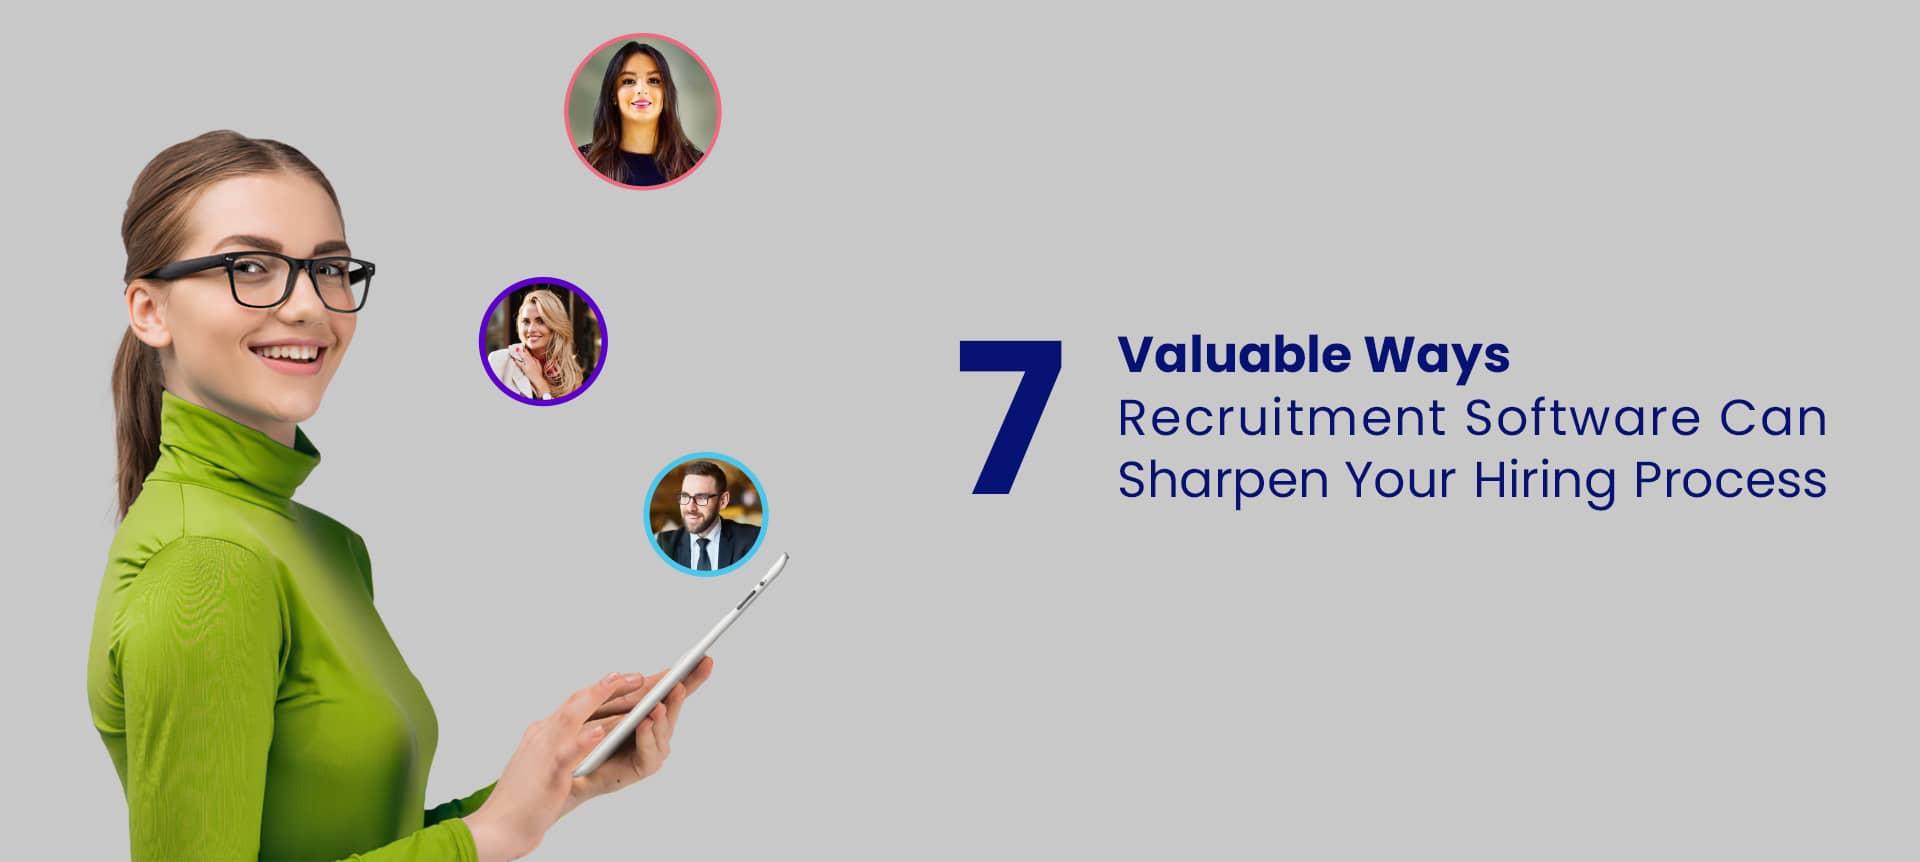 A female recruiter using recruitment software